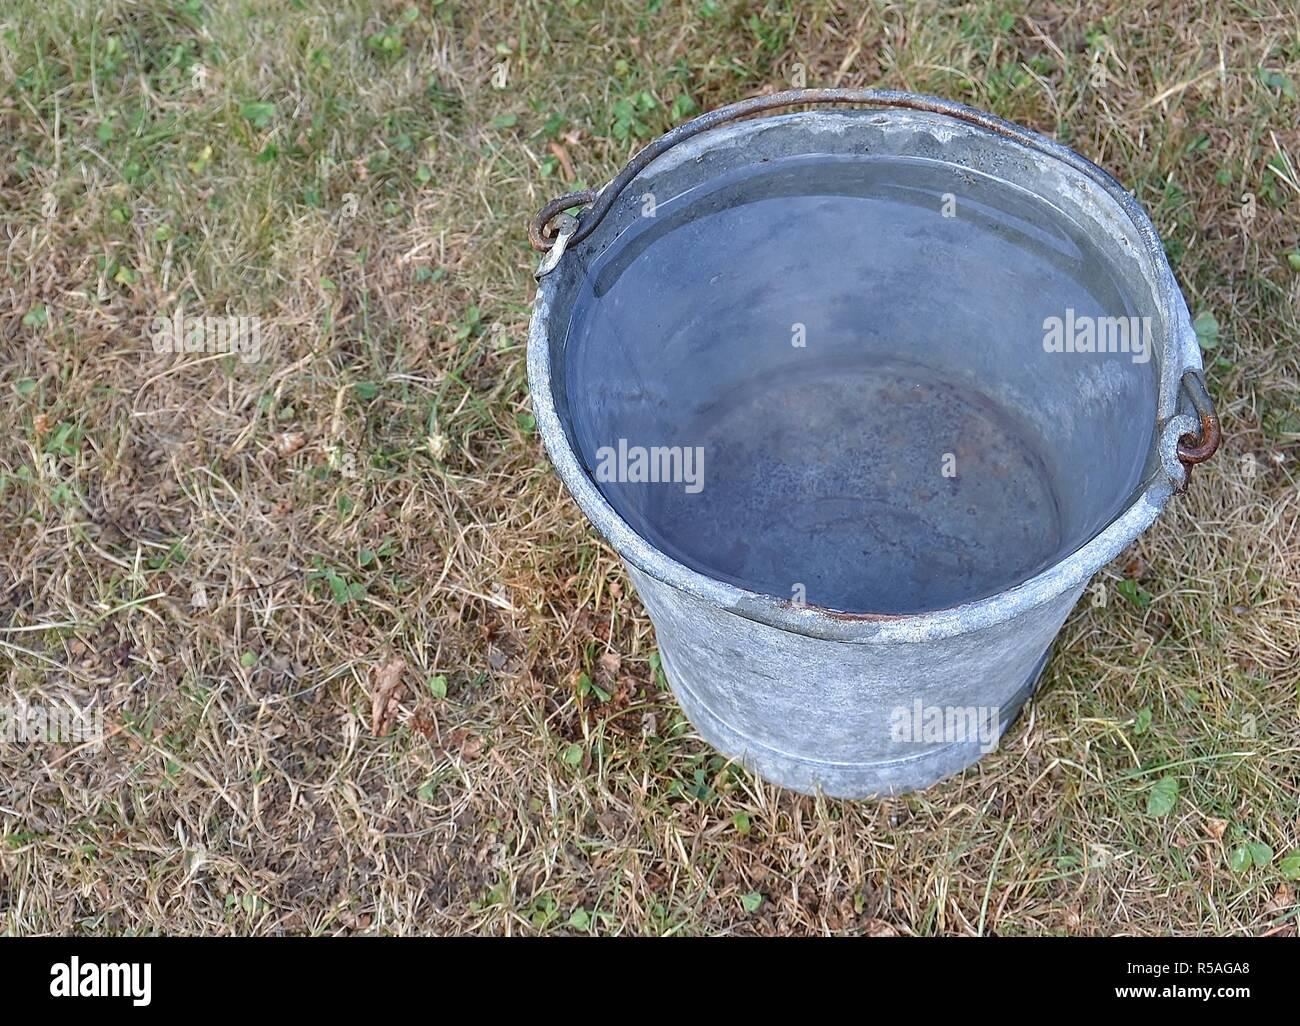 bucket - Stock Image